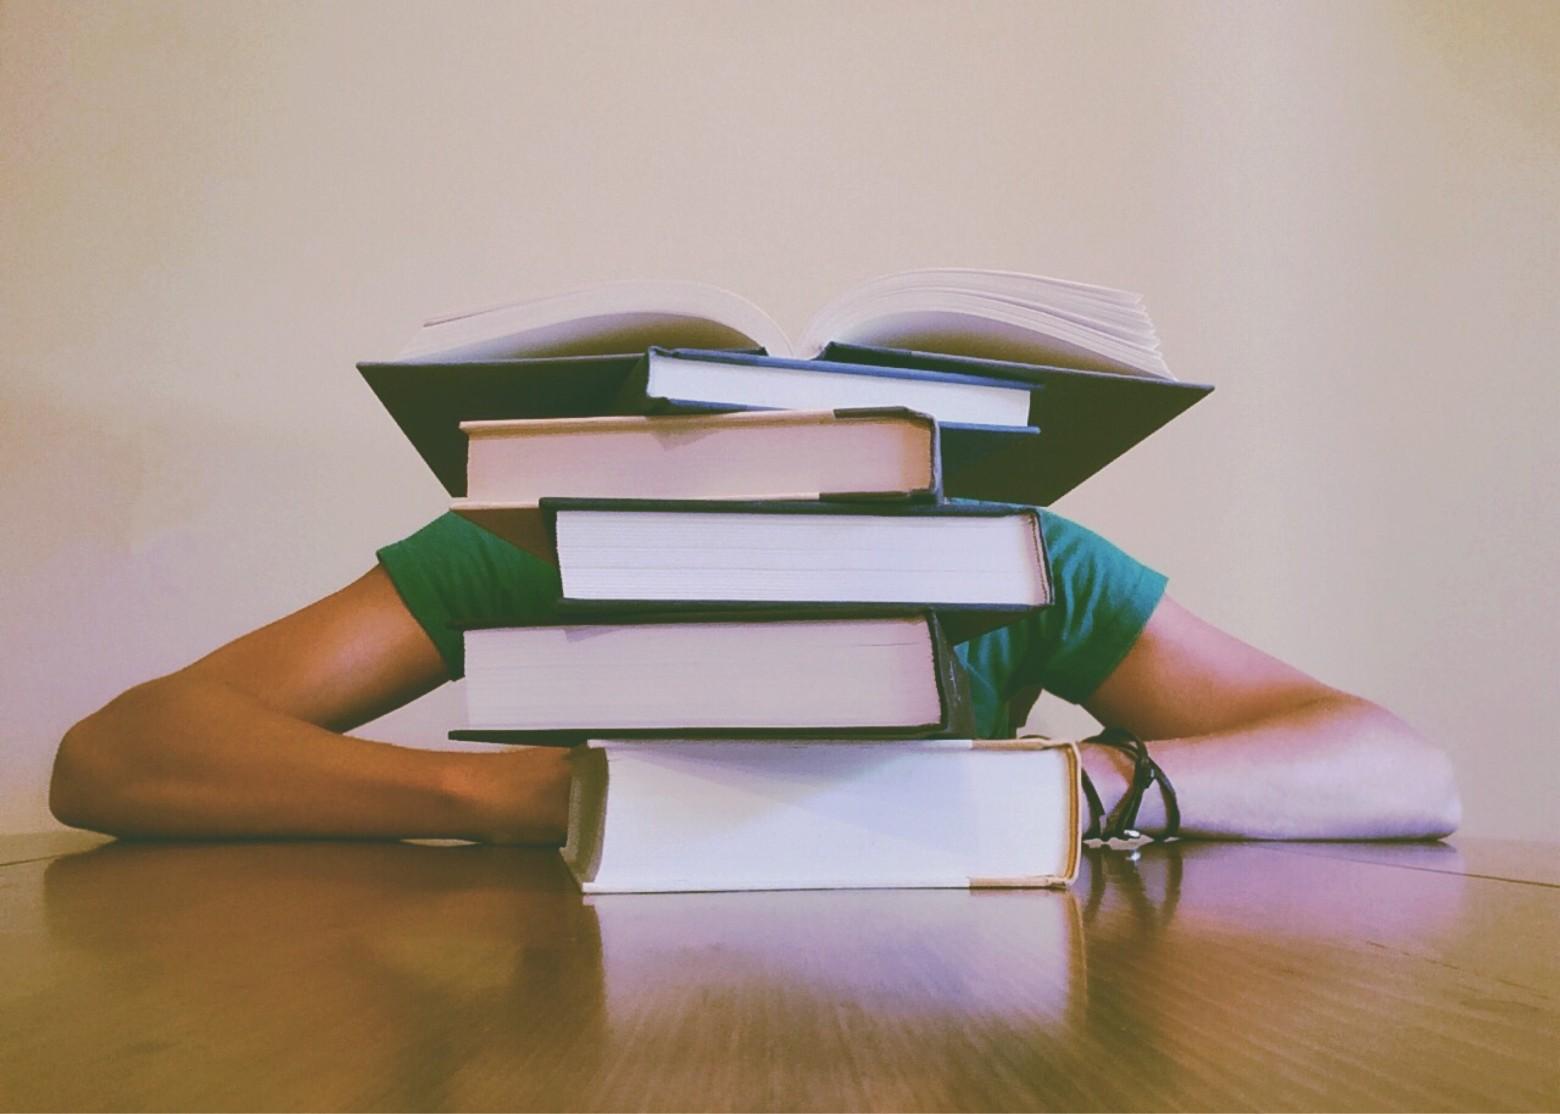 Ecole Etudiant Livre Images Gratuites Et Libres De Droits